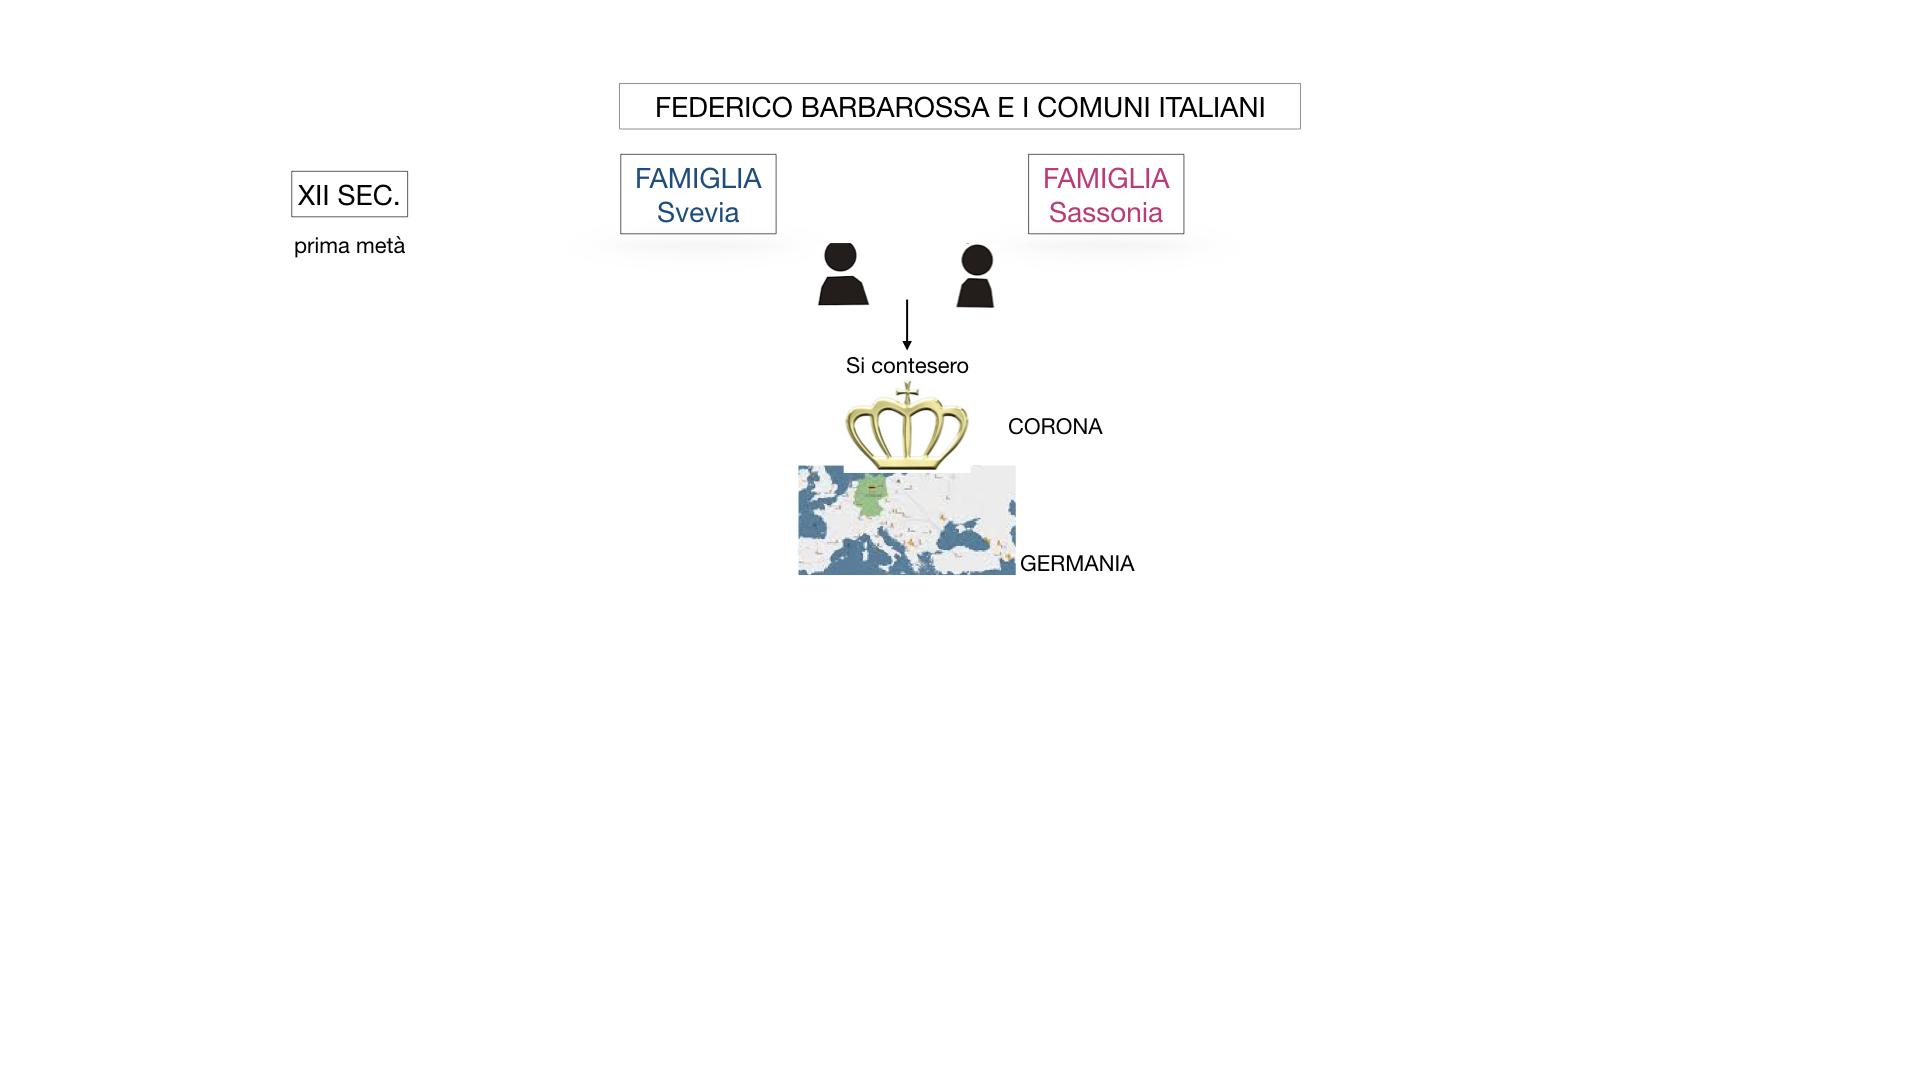 STORIA FEDERICO BARBAROSSA-MOVIMENTI RELIGIOSI_SIMULAZIONE_estesa.007